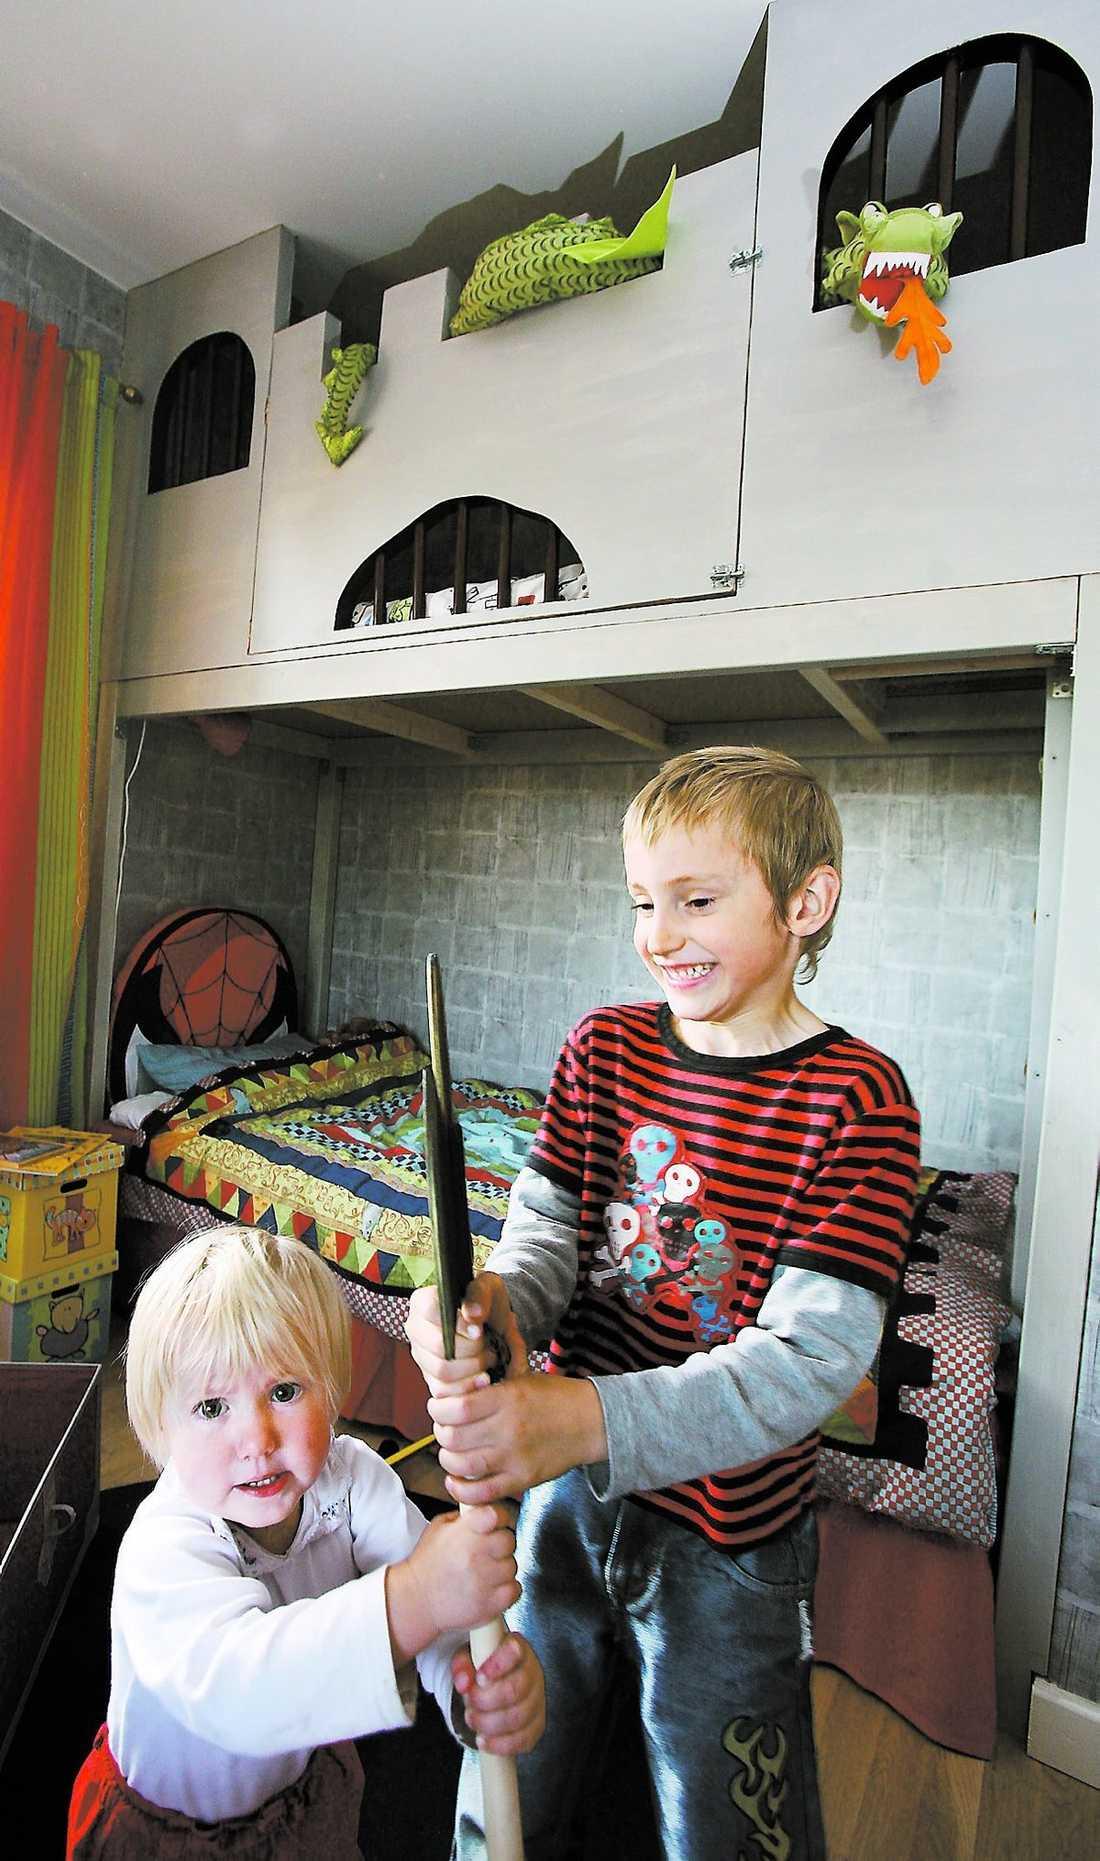 två tappra riddare Filip Tjelvling, 6, har fått sitt rum förvandlat till en riddarborg. Lillasyster Sofia, 1,5, leker också gärna i rummet.